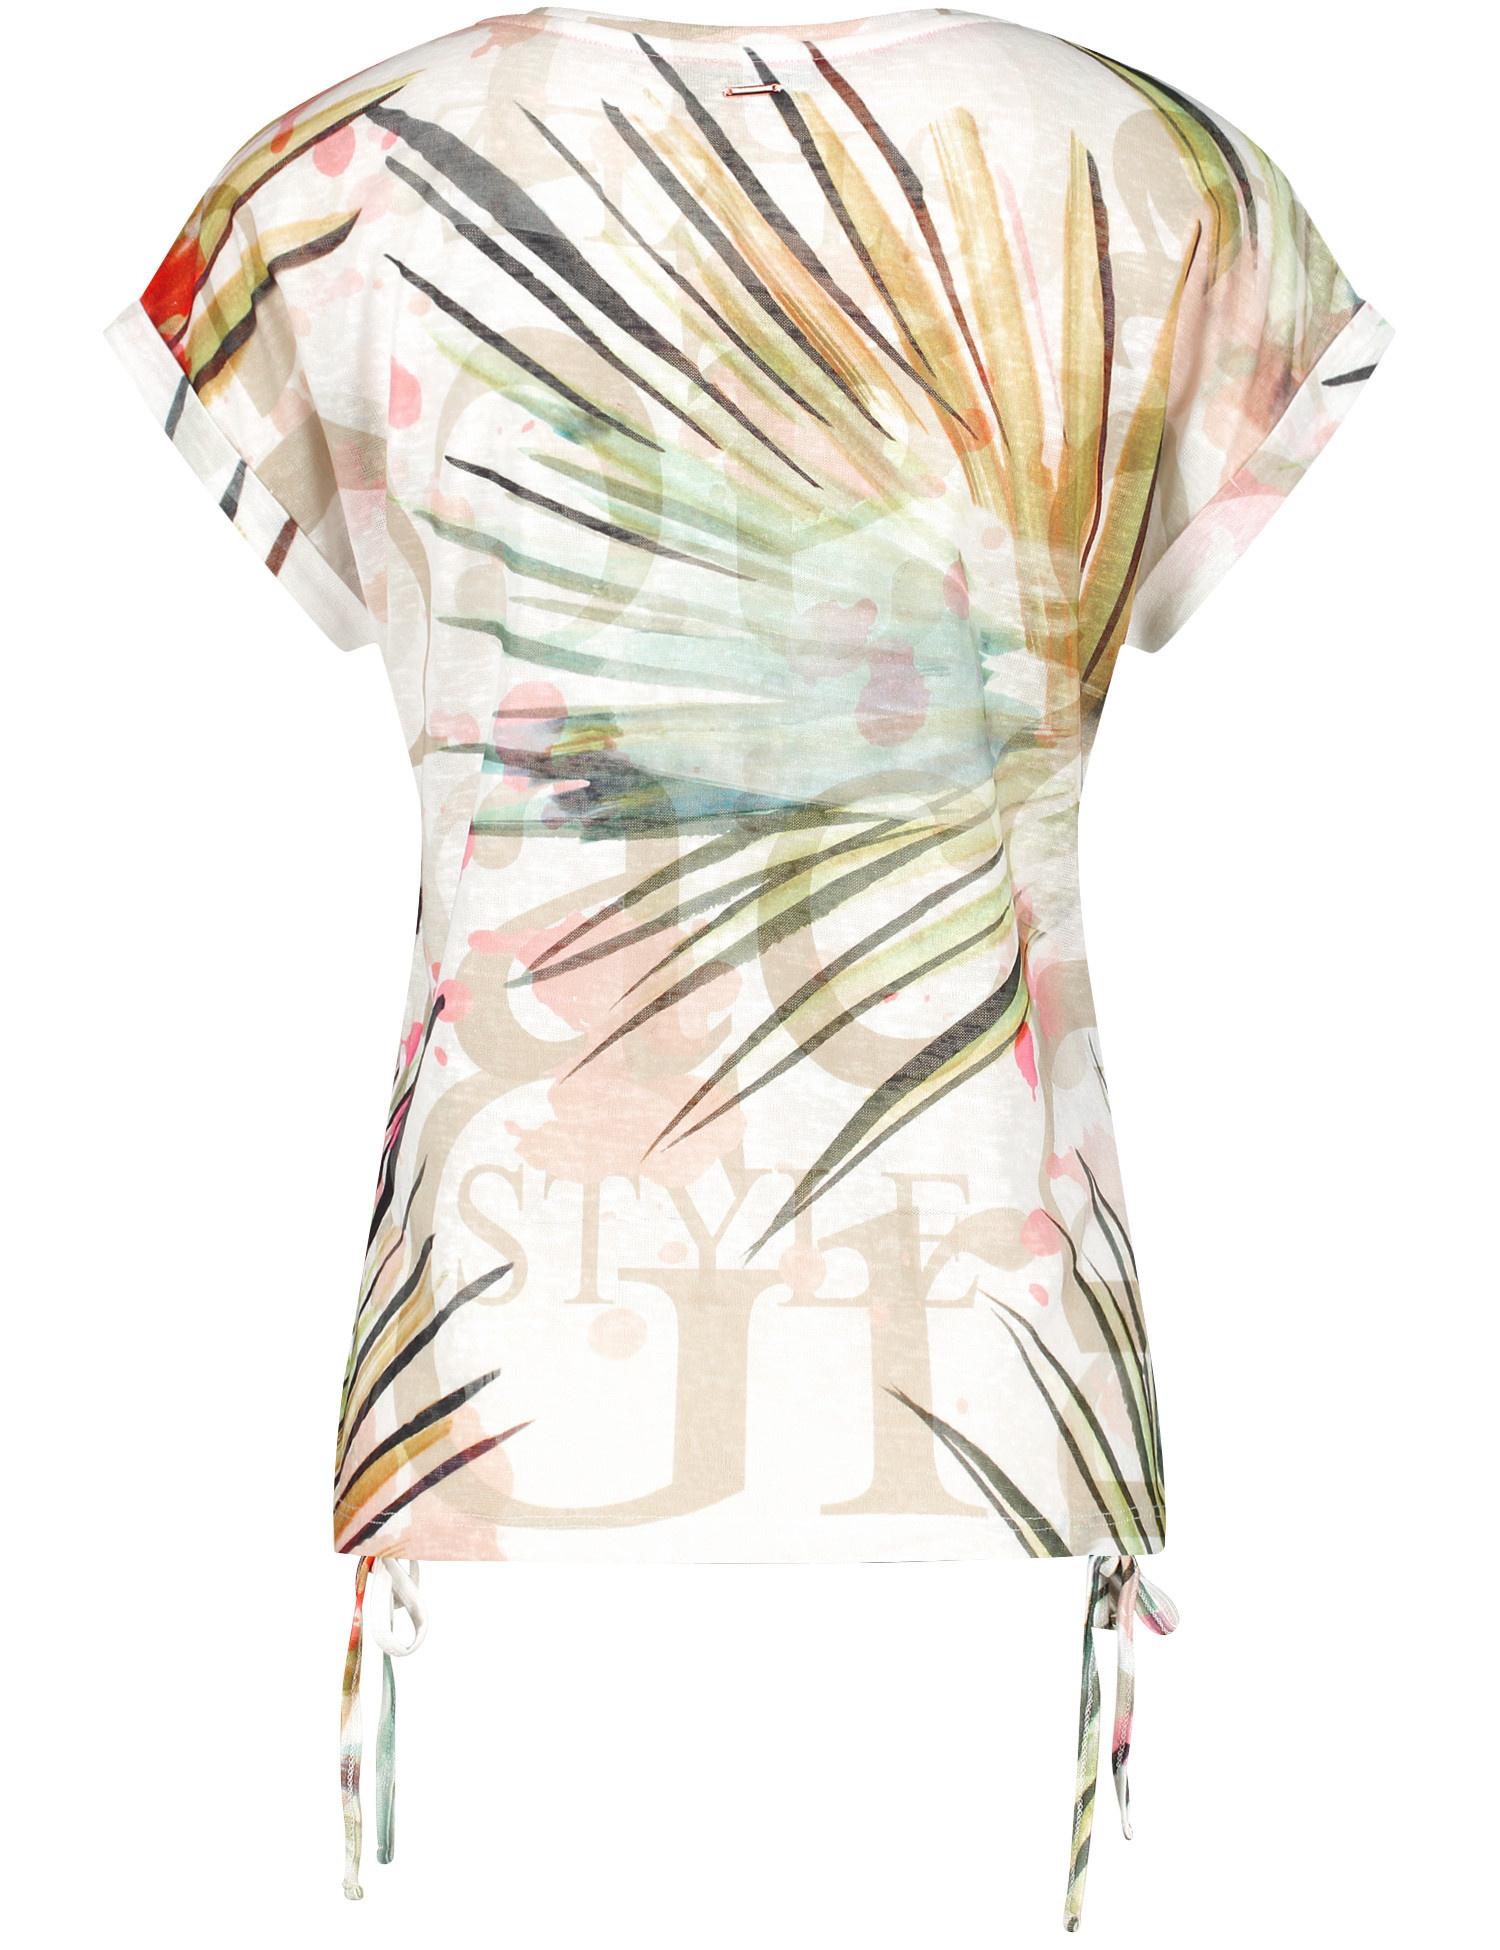 TAIFUN t-shirt-4